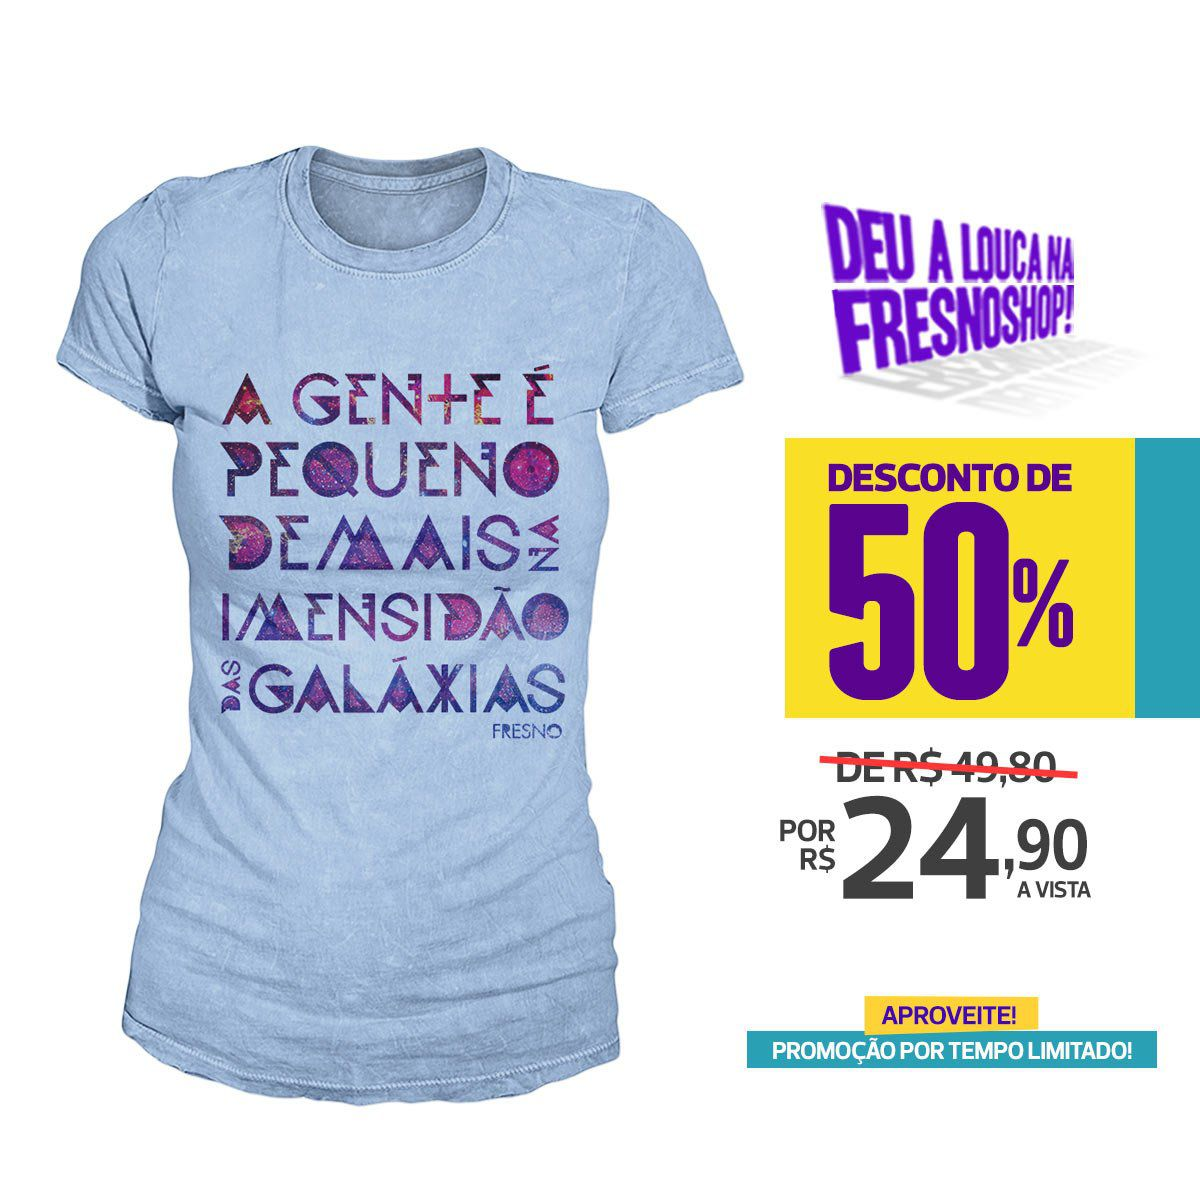 SUPER PROMOÇÃO Fresno - Camiseta Feminina Galáxias PAZ